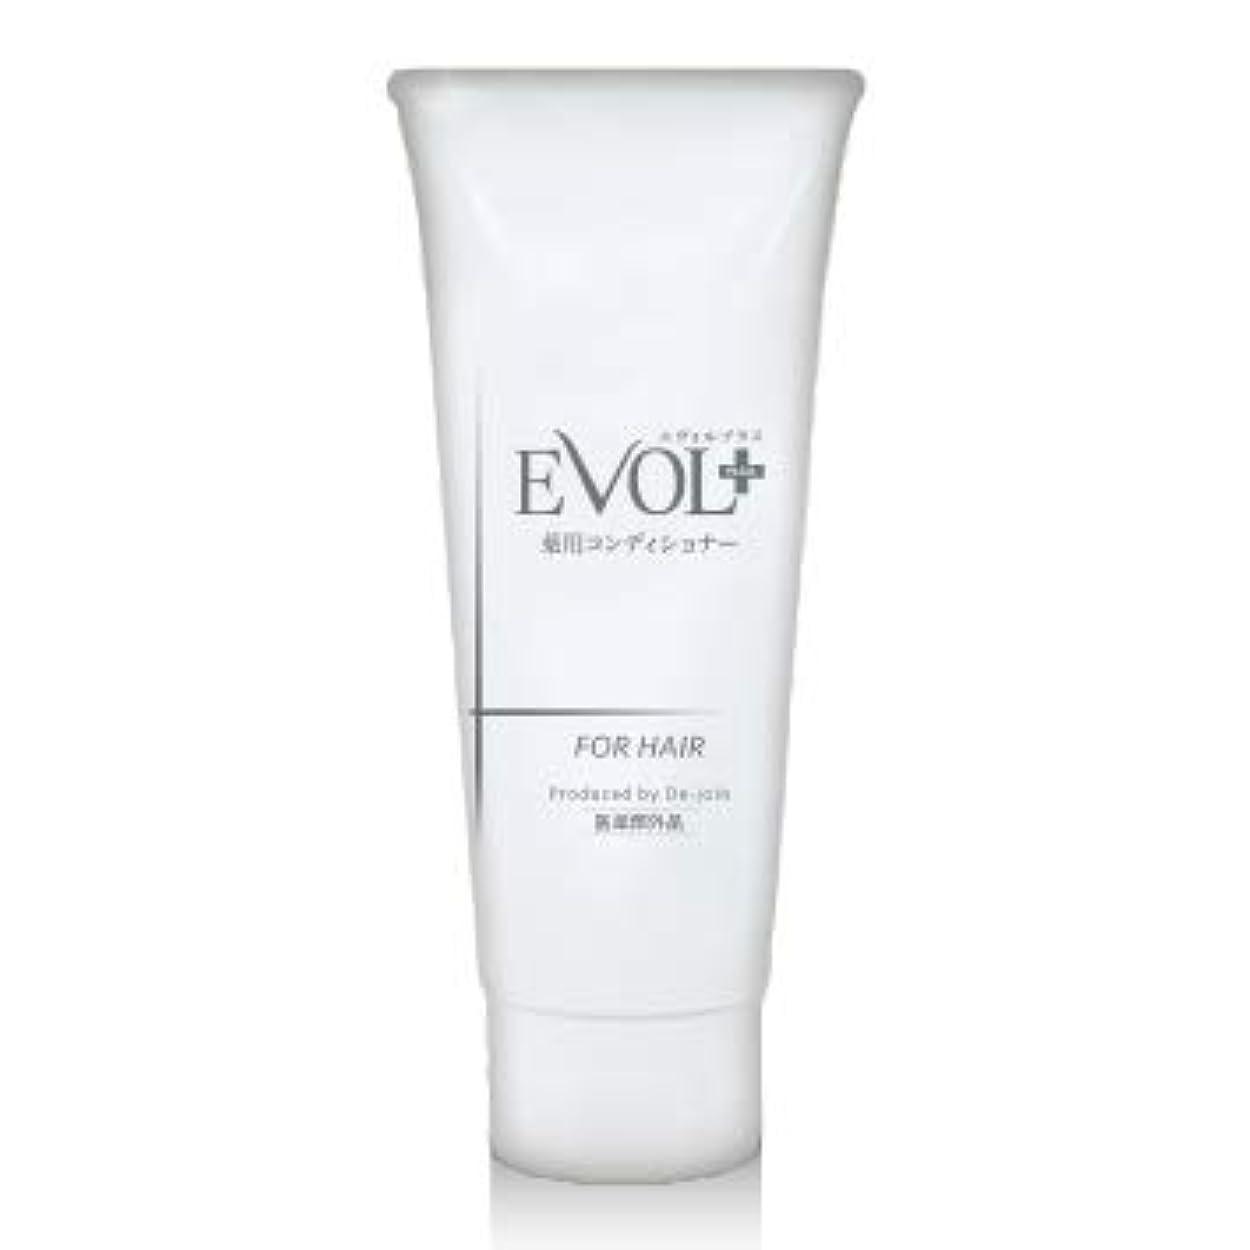 悪因子演じる発揮するEVOL+(エヴォルプラス)薬用育毛コンディショナー お得なコース